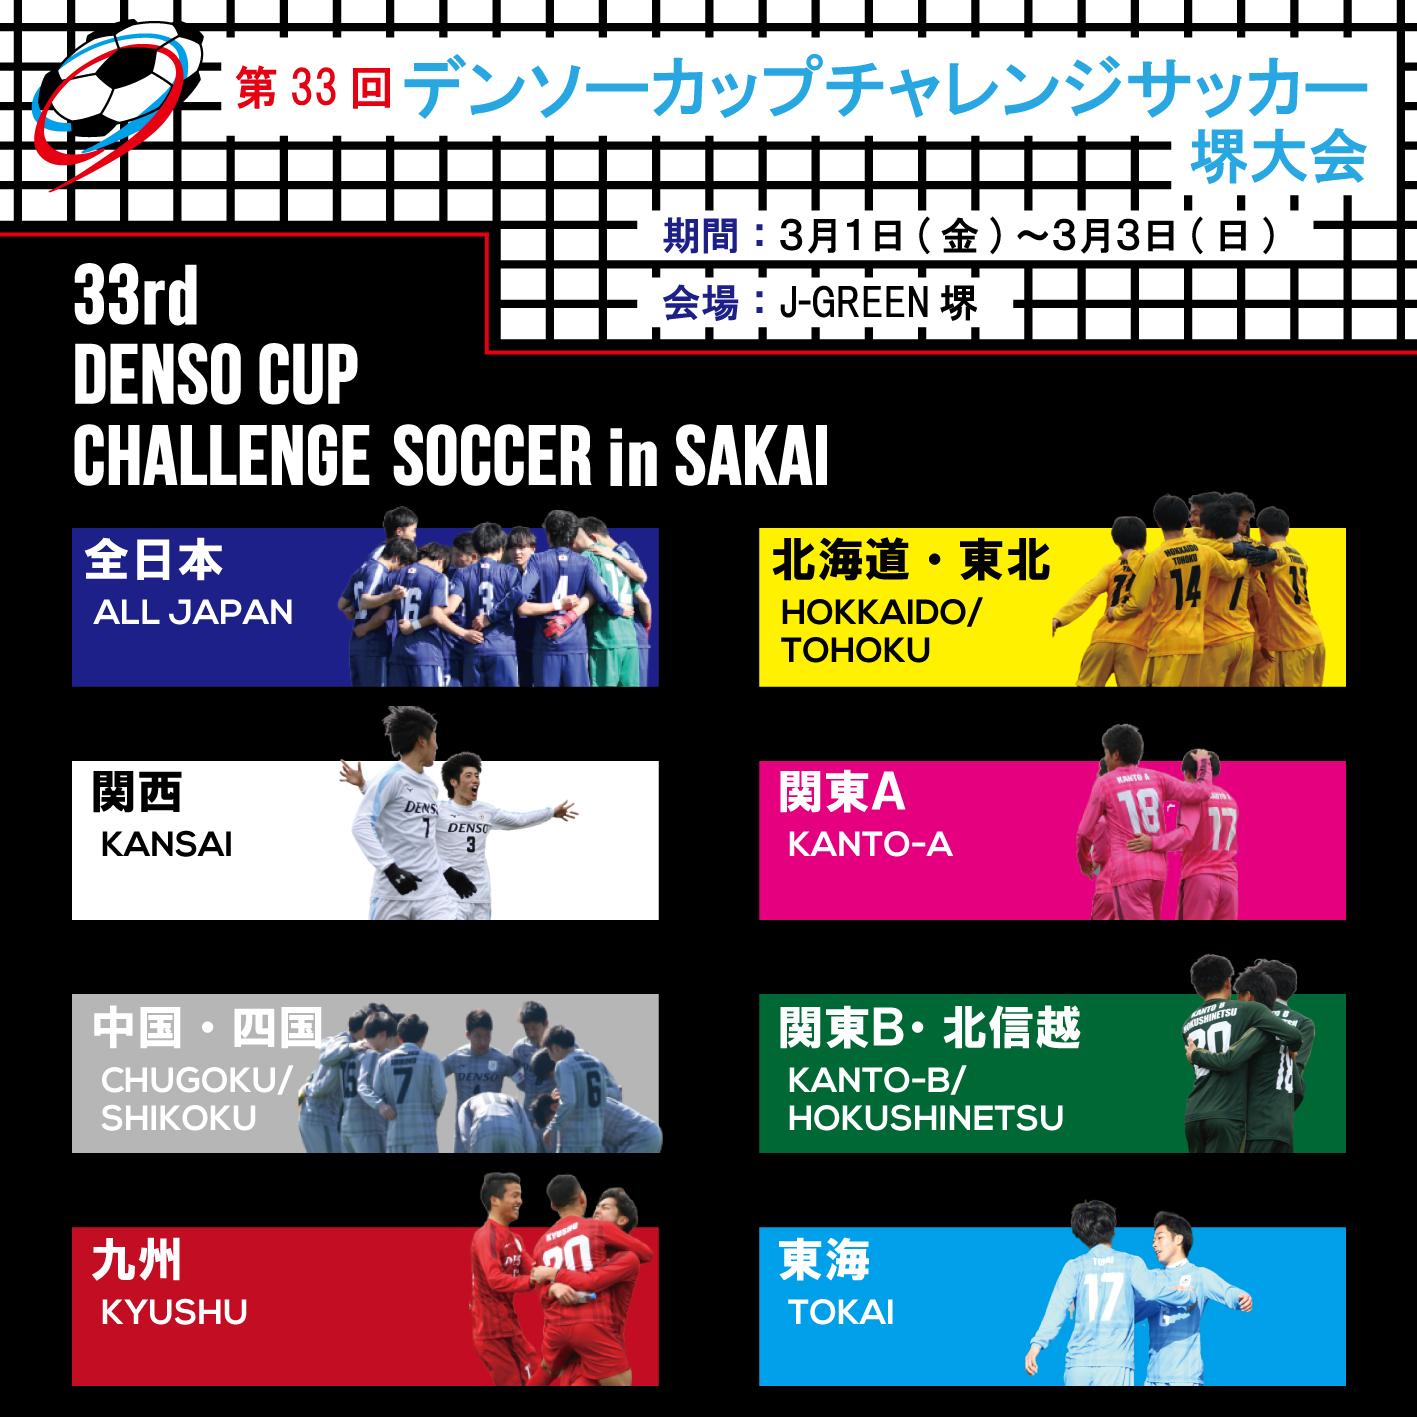 「第33回デンソーカップチャレンジサッカー 堺大会」の詳細はこちらから